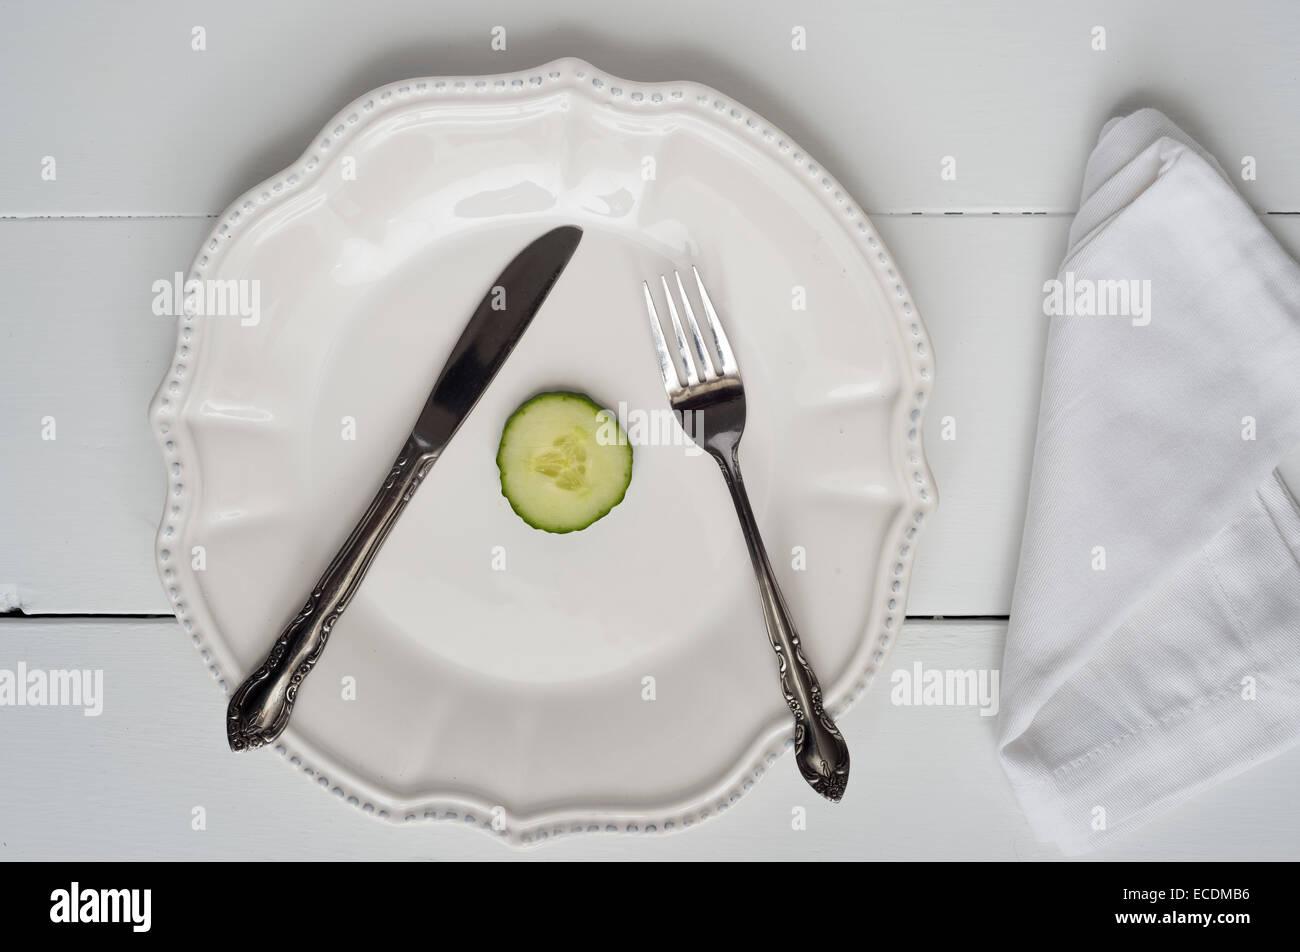 Perte de poids - le concept de l'an seule tranche de concombre sur une plaque Photo Stock